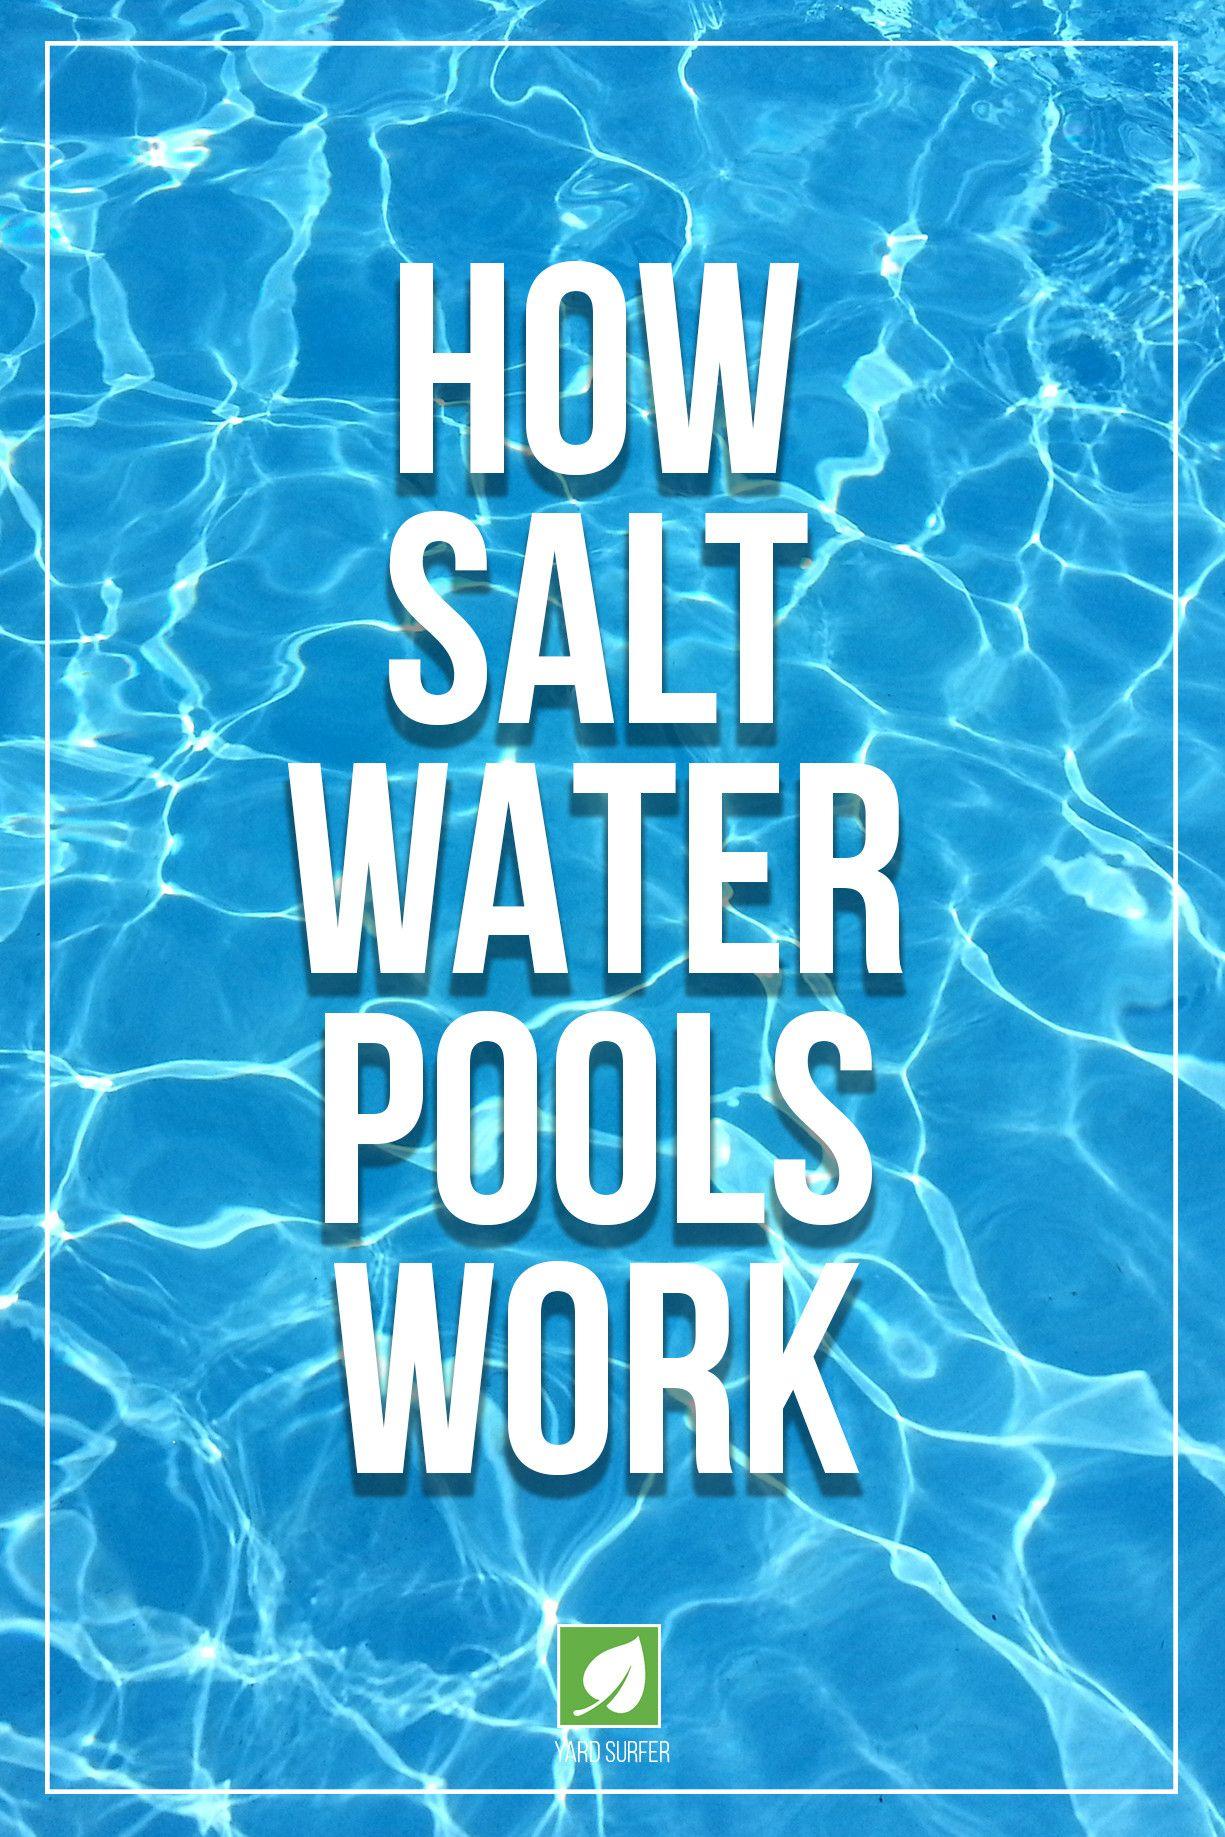 How Salt Water Pools Work Yard Surfer Saltwater Pool Salt Water Pool Maintenance Salt Pool